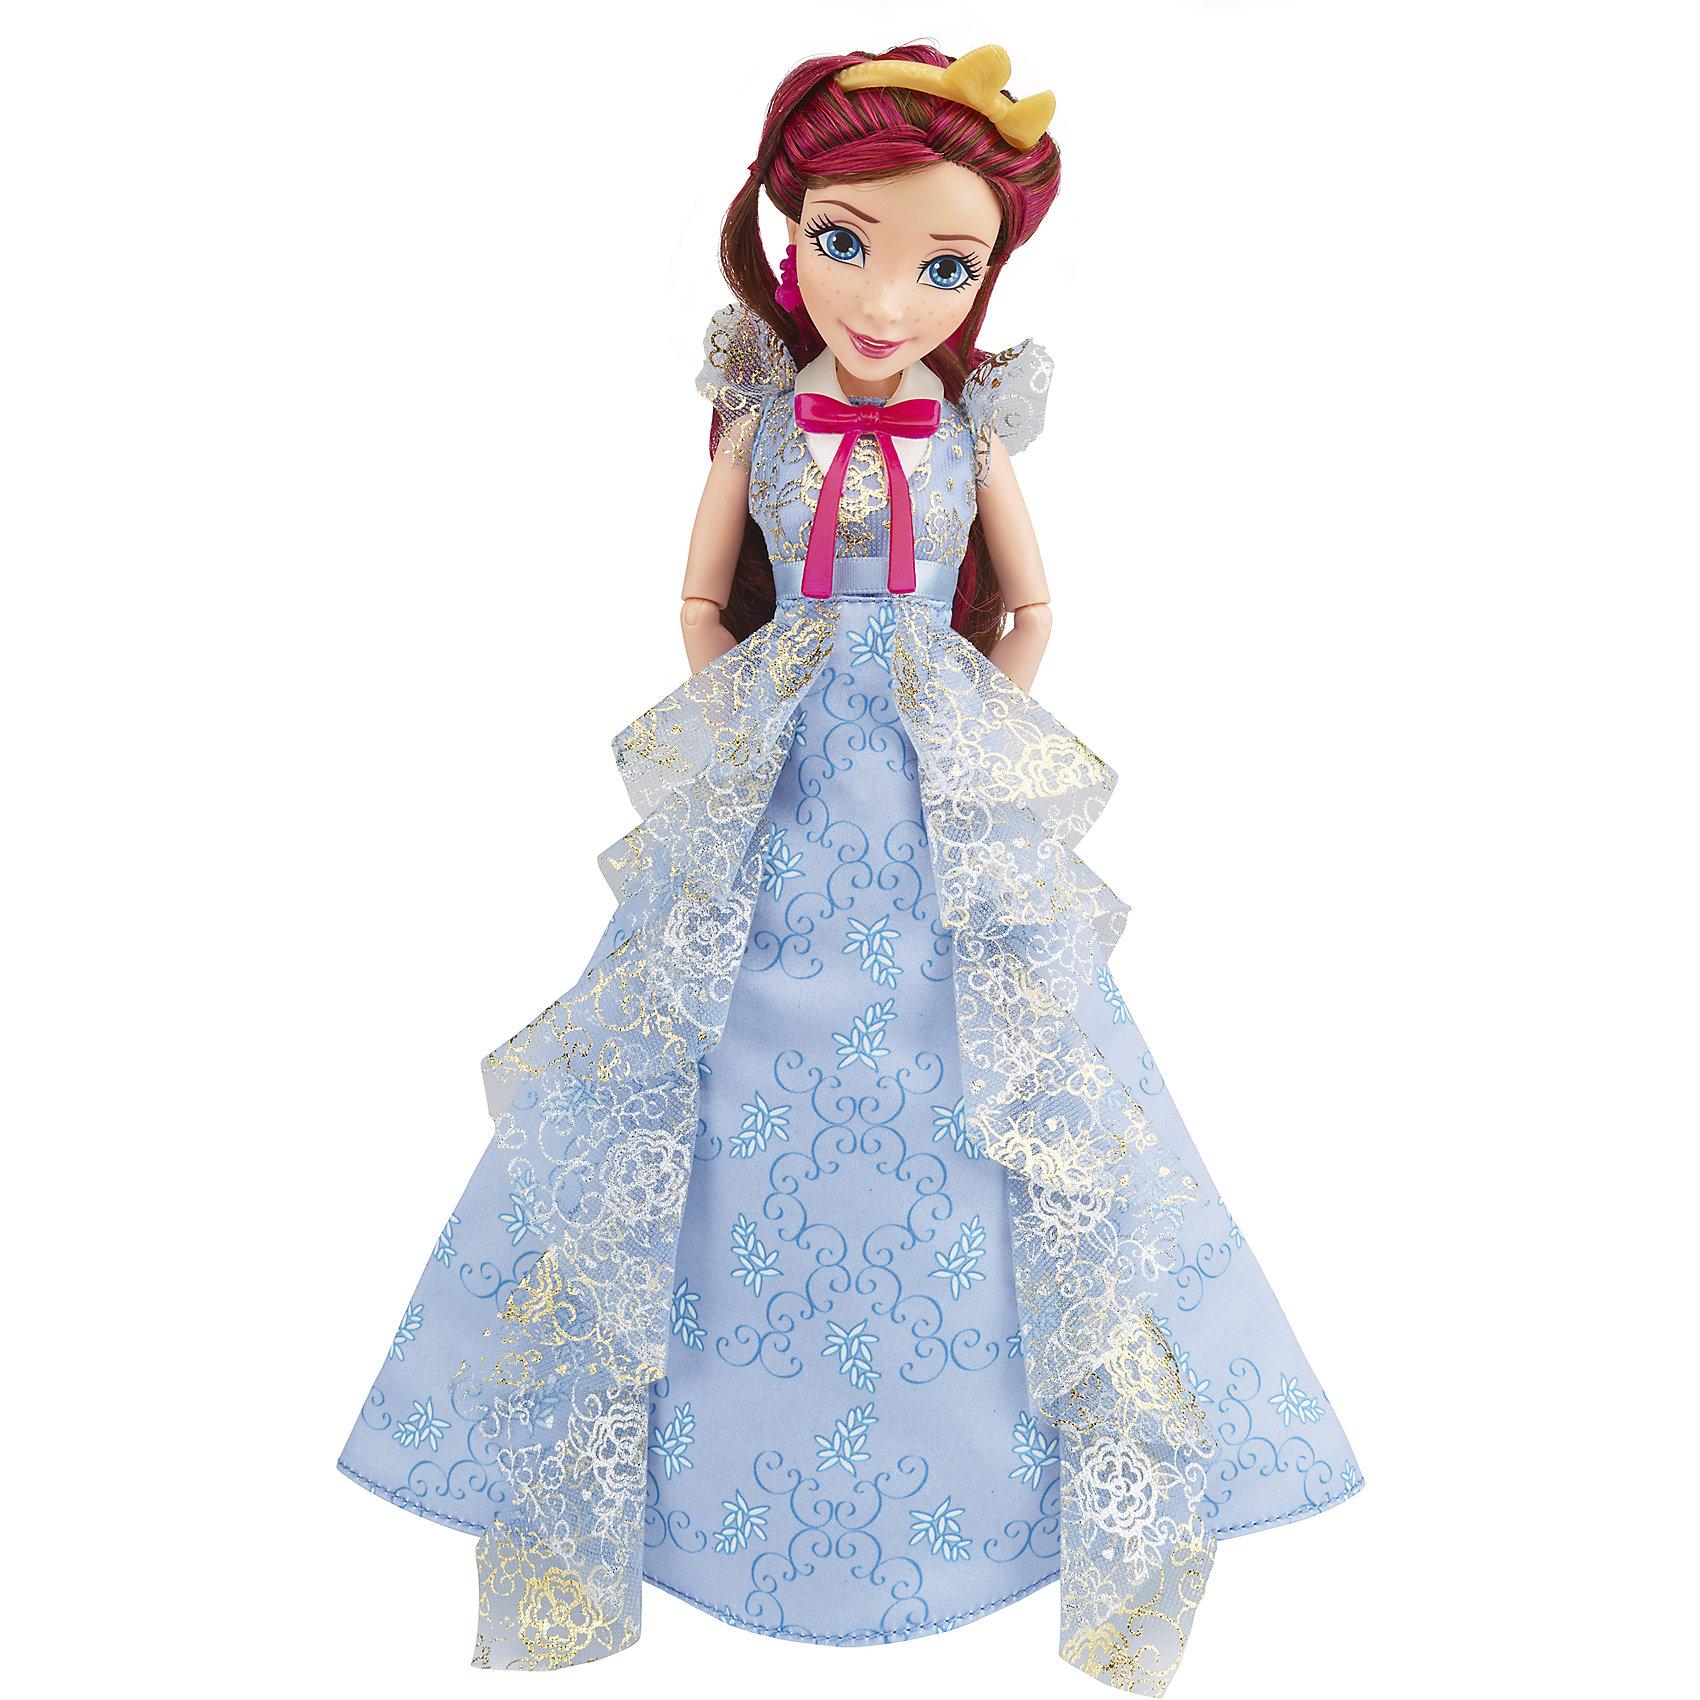 Hasbro Кукла Джейн, светлые герои в платьях для коронации, Наследники, Disney, B3123/B3125